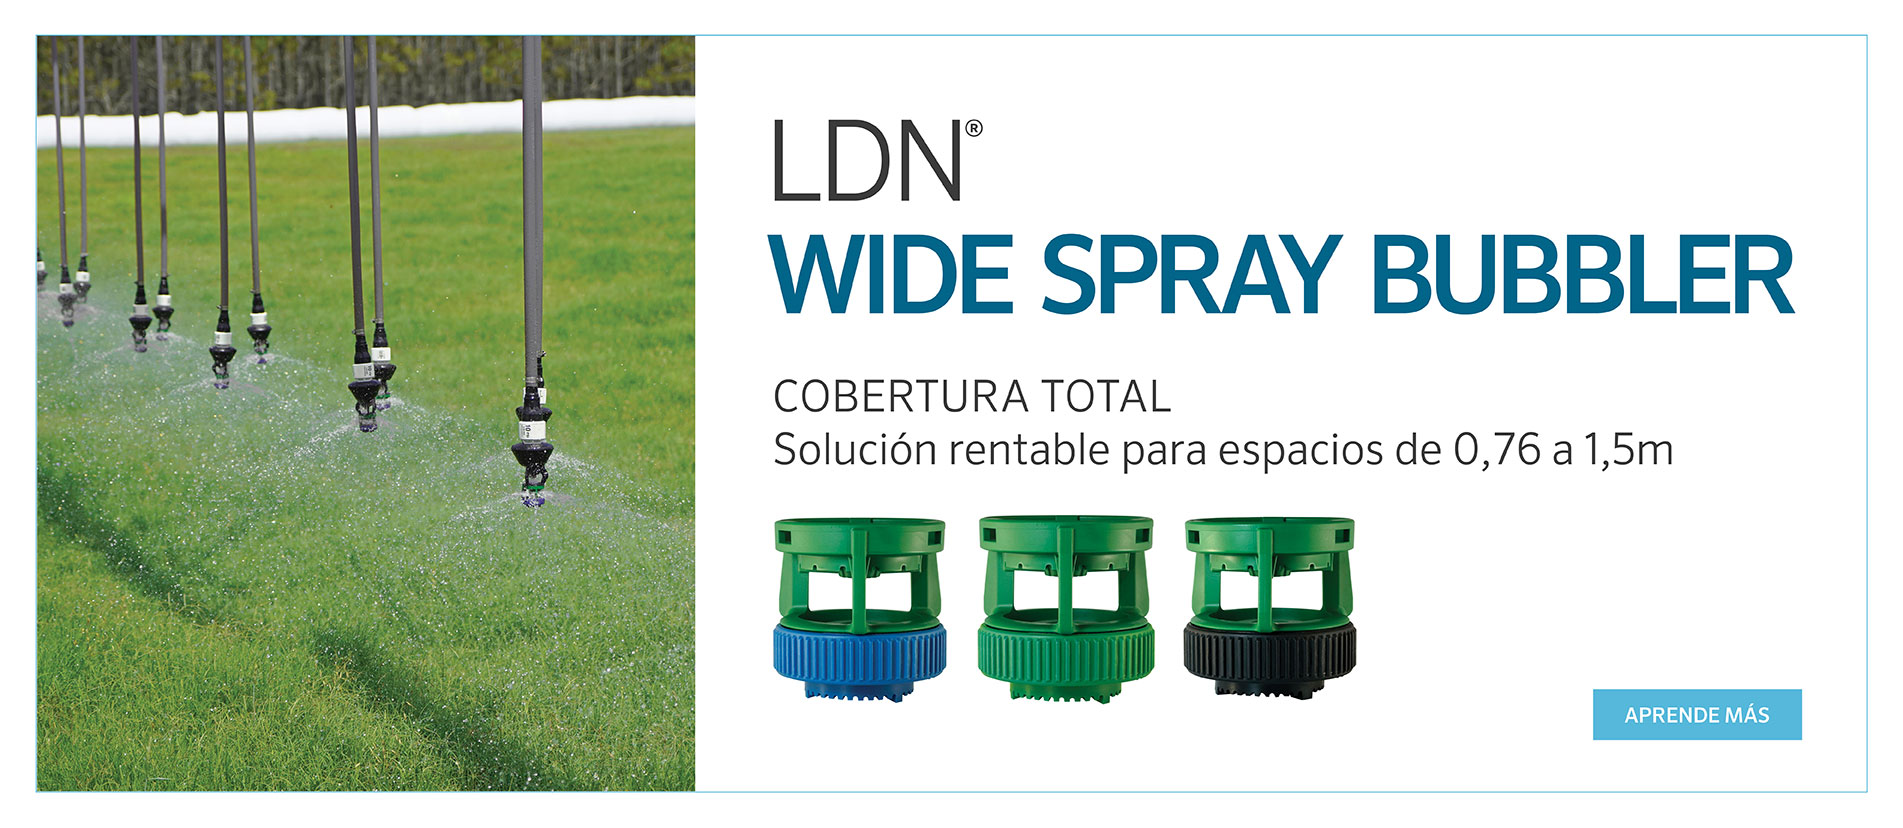 LDN® Wide Spray Bubbler: solución de cobertura total para un espaciado de 0,76 y 1,5 m